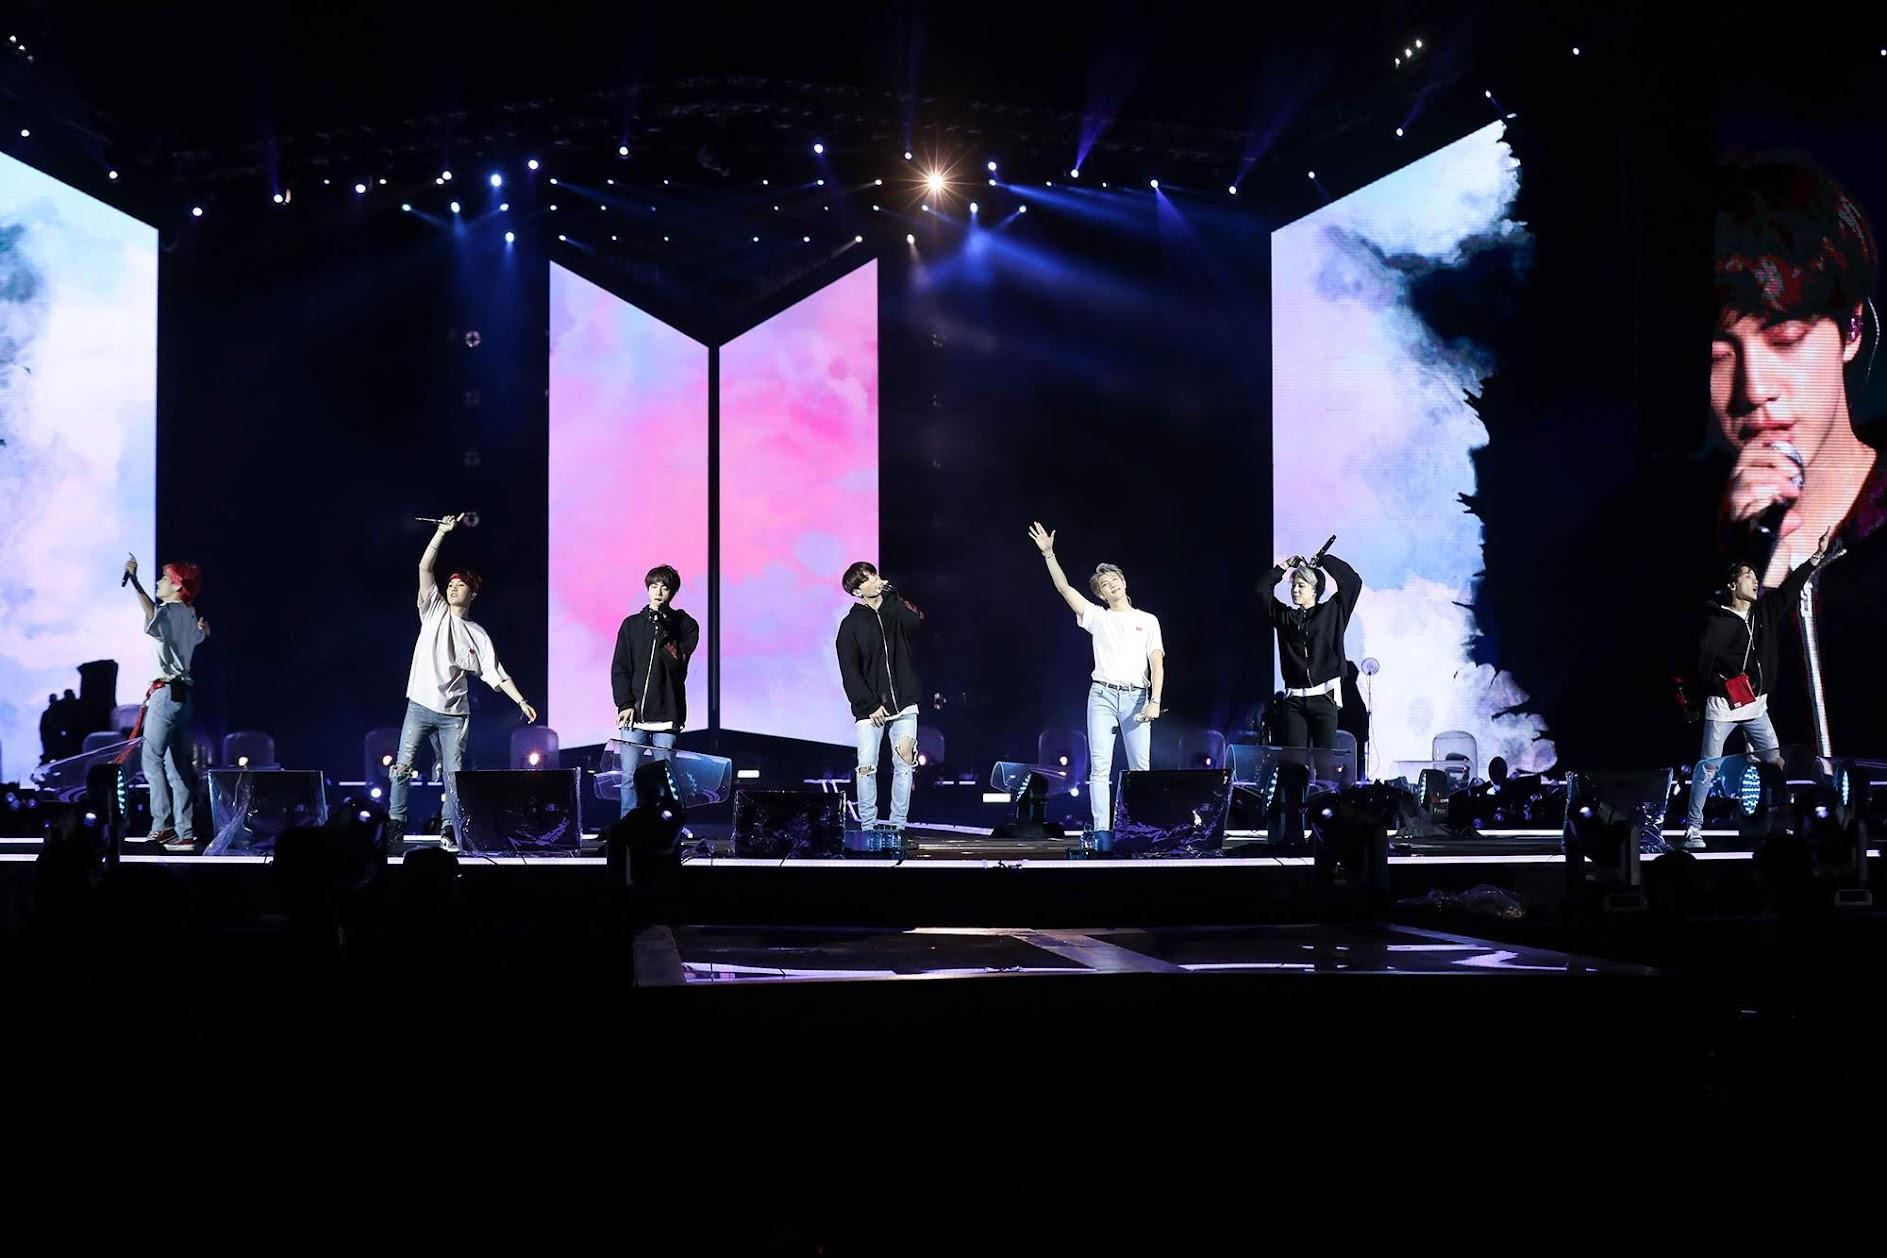 【迷迷現場】BTS防彈少年團 登台 宣稱台灣「這是我們家」